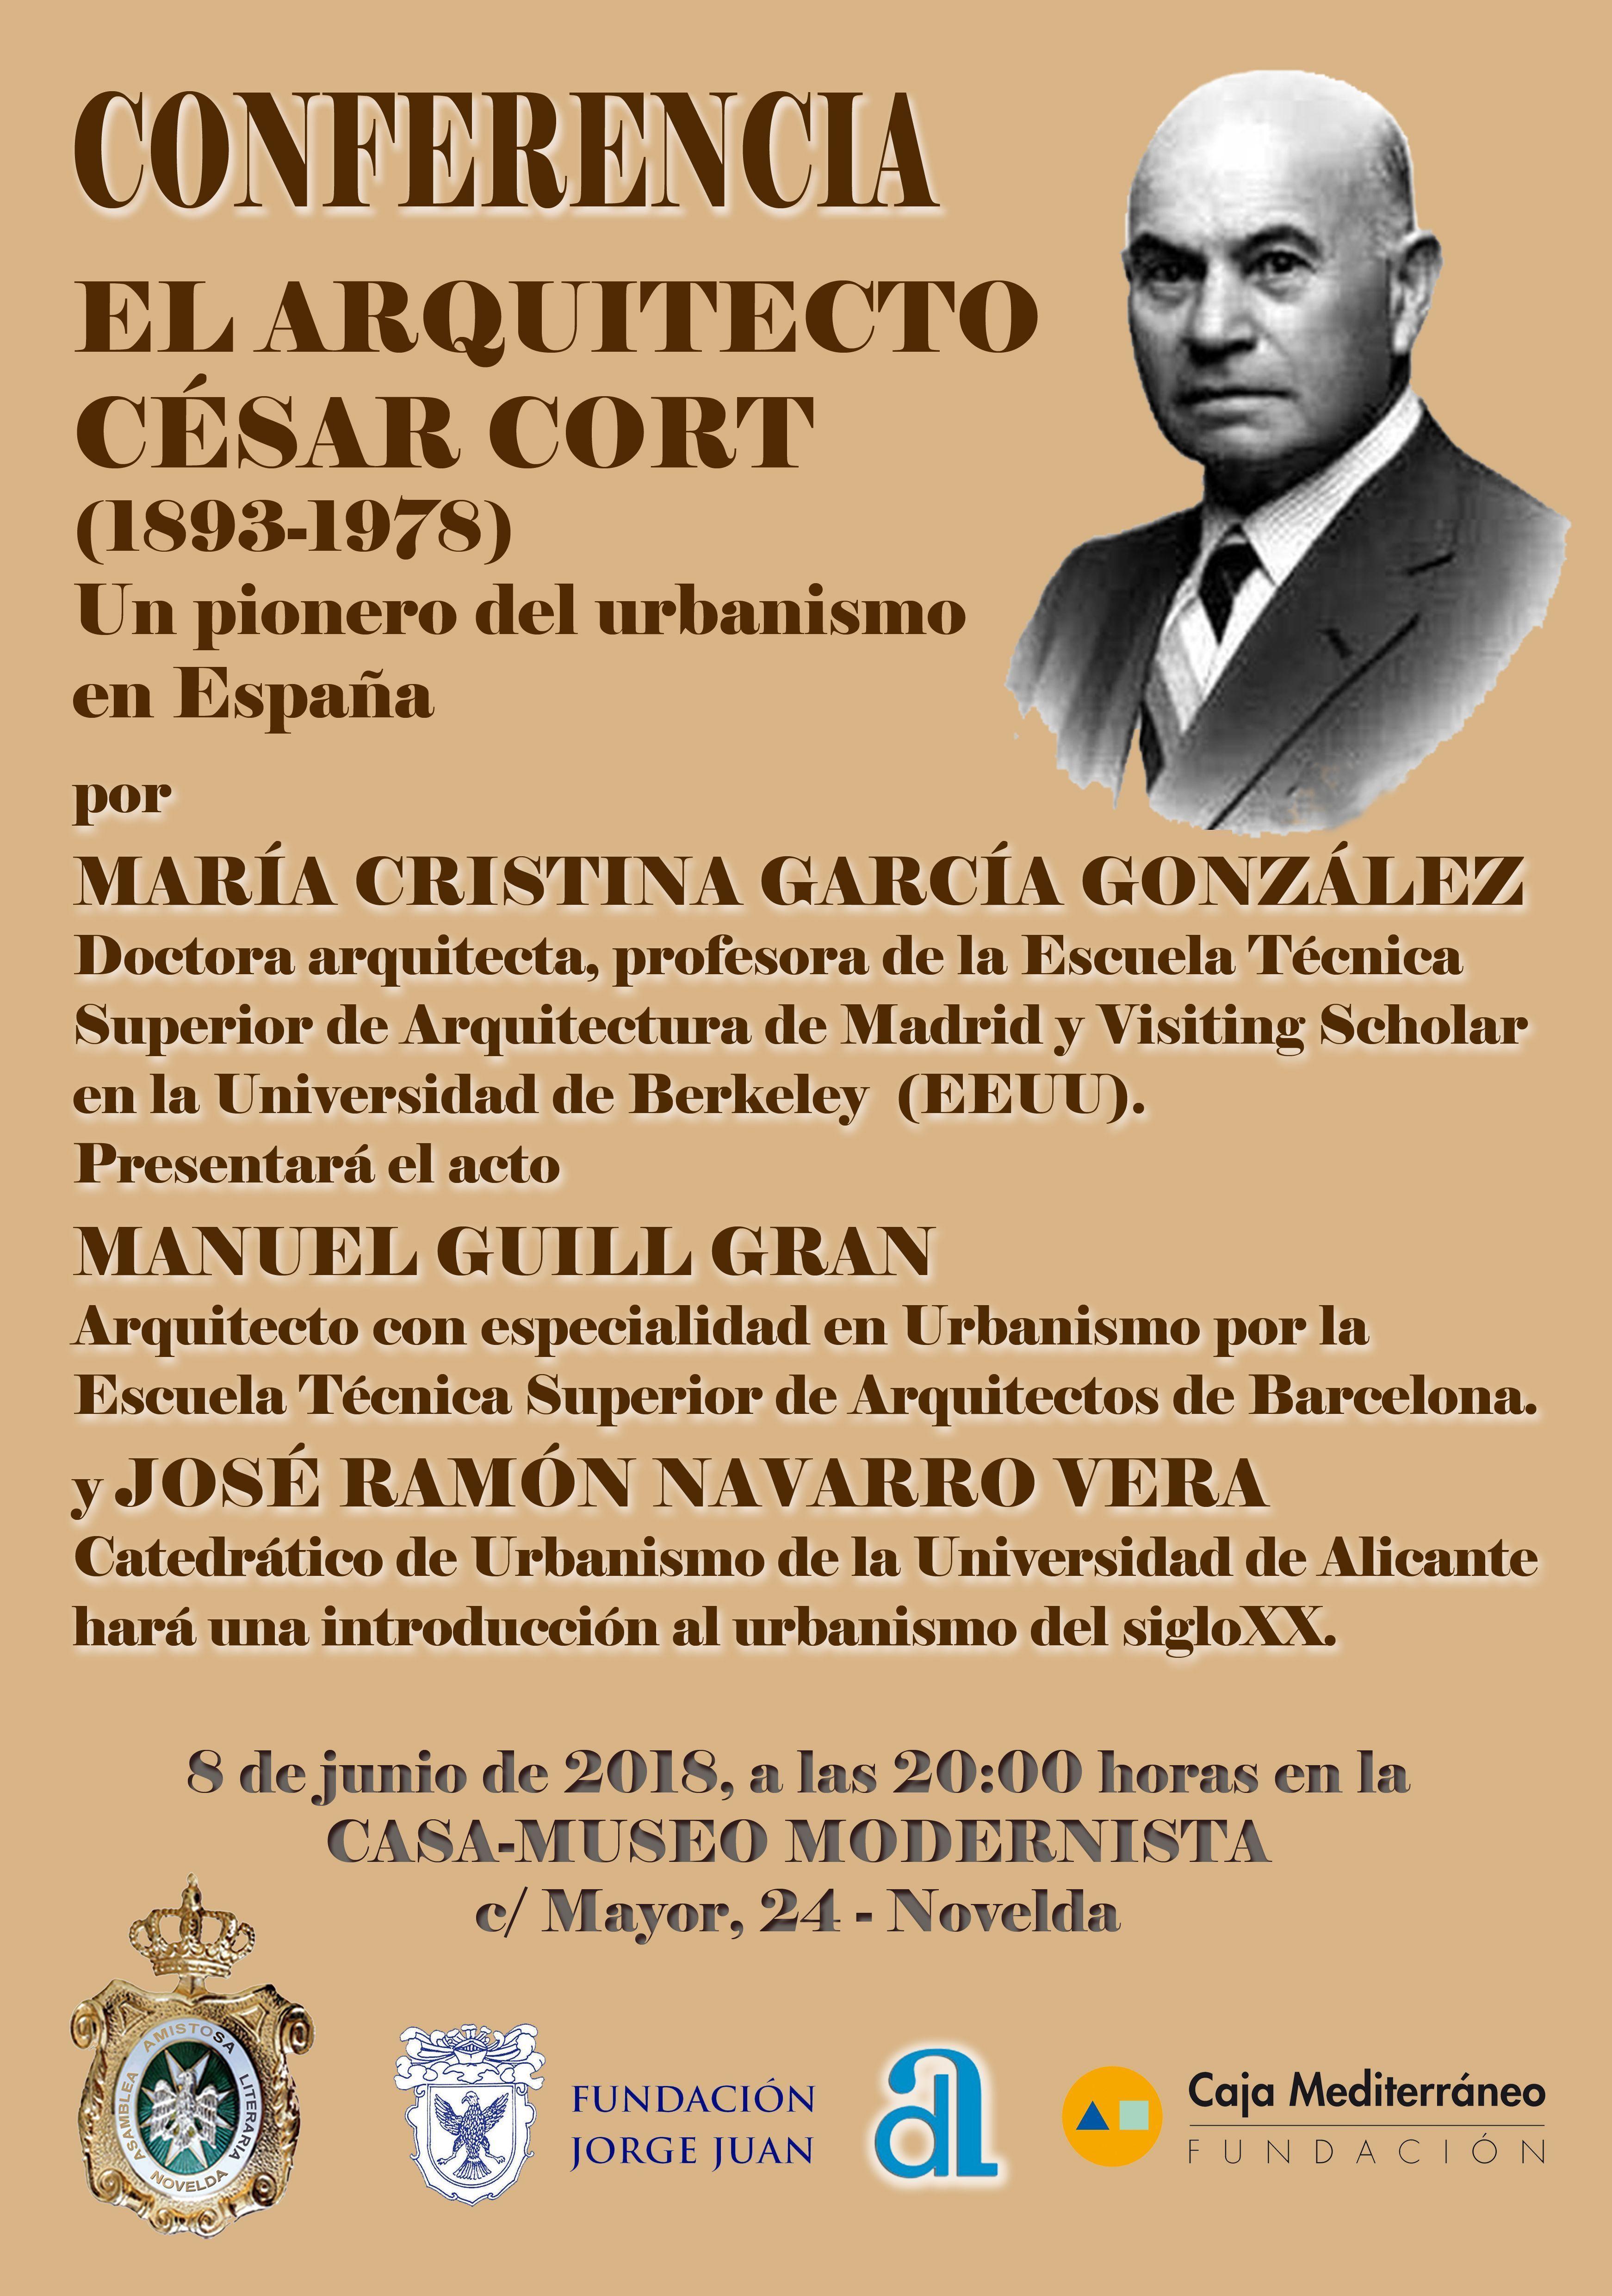 """CONFERENCIA """"EL ARQUITECTO CÉSAR CORT (1893-1978), UN PIONERO DEL URBANISMO EN ESPAÑA"""